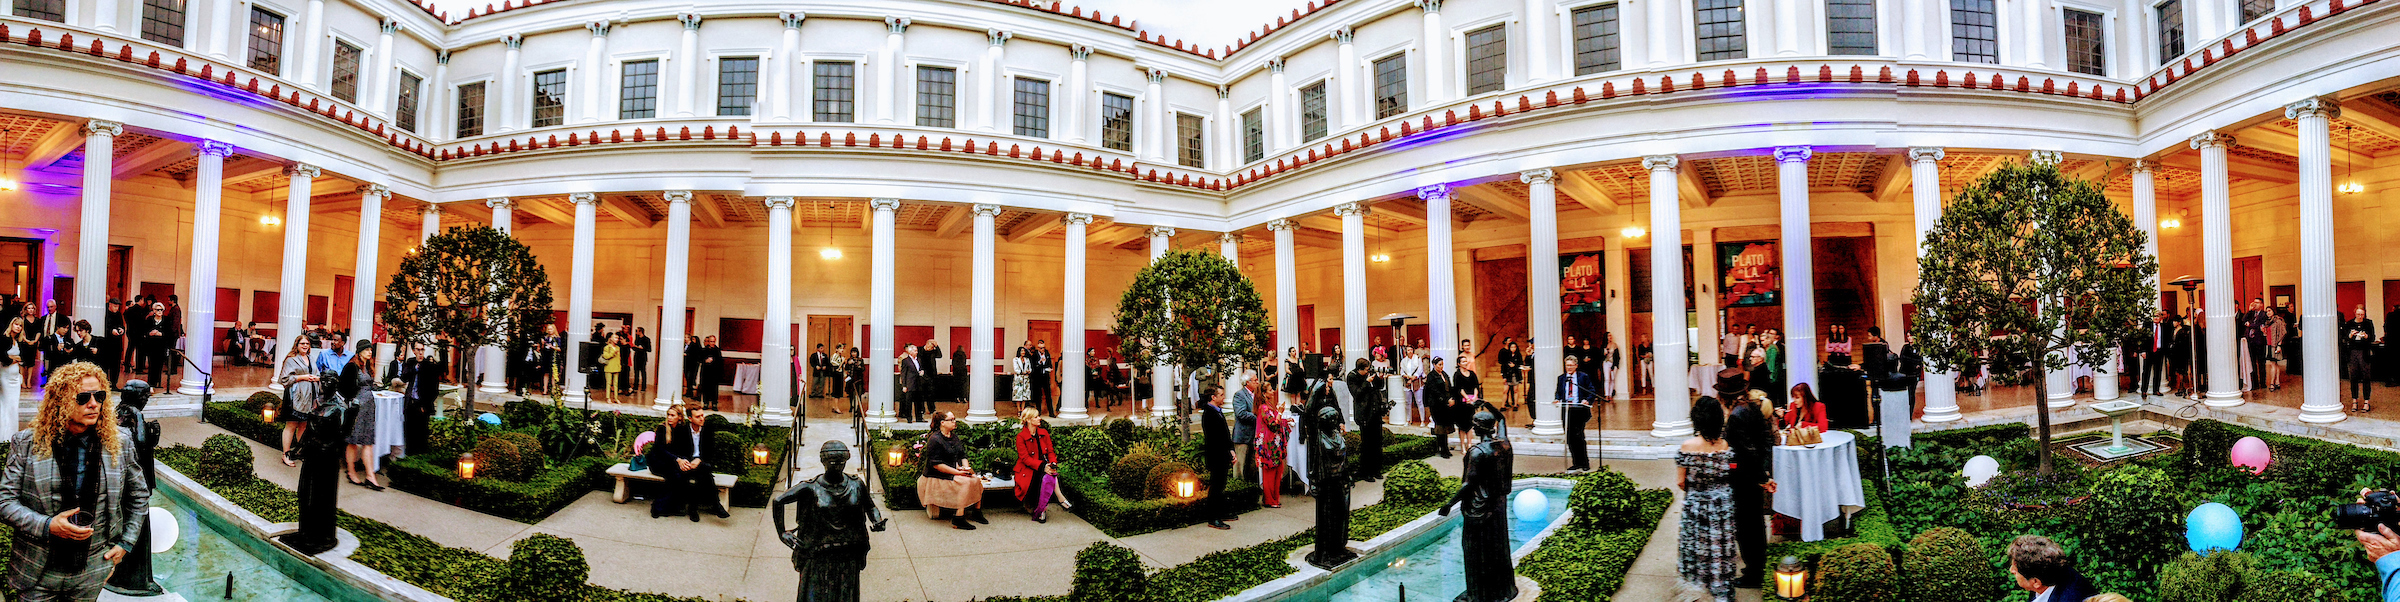 The Getty Villa.  Photograph Rex Gelert